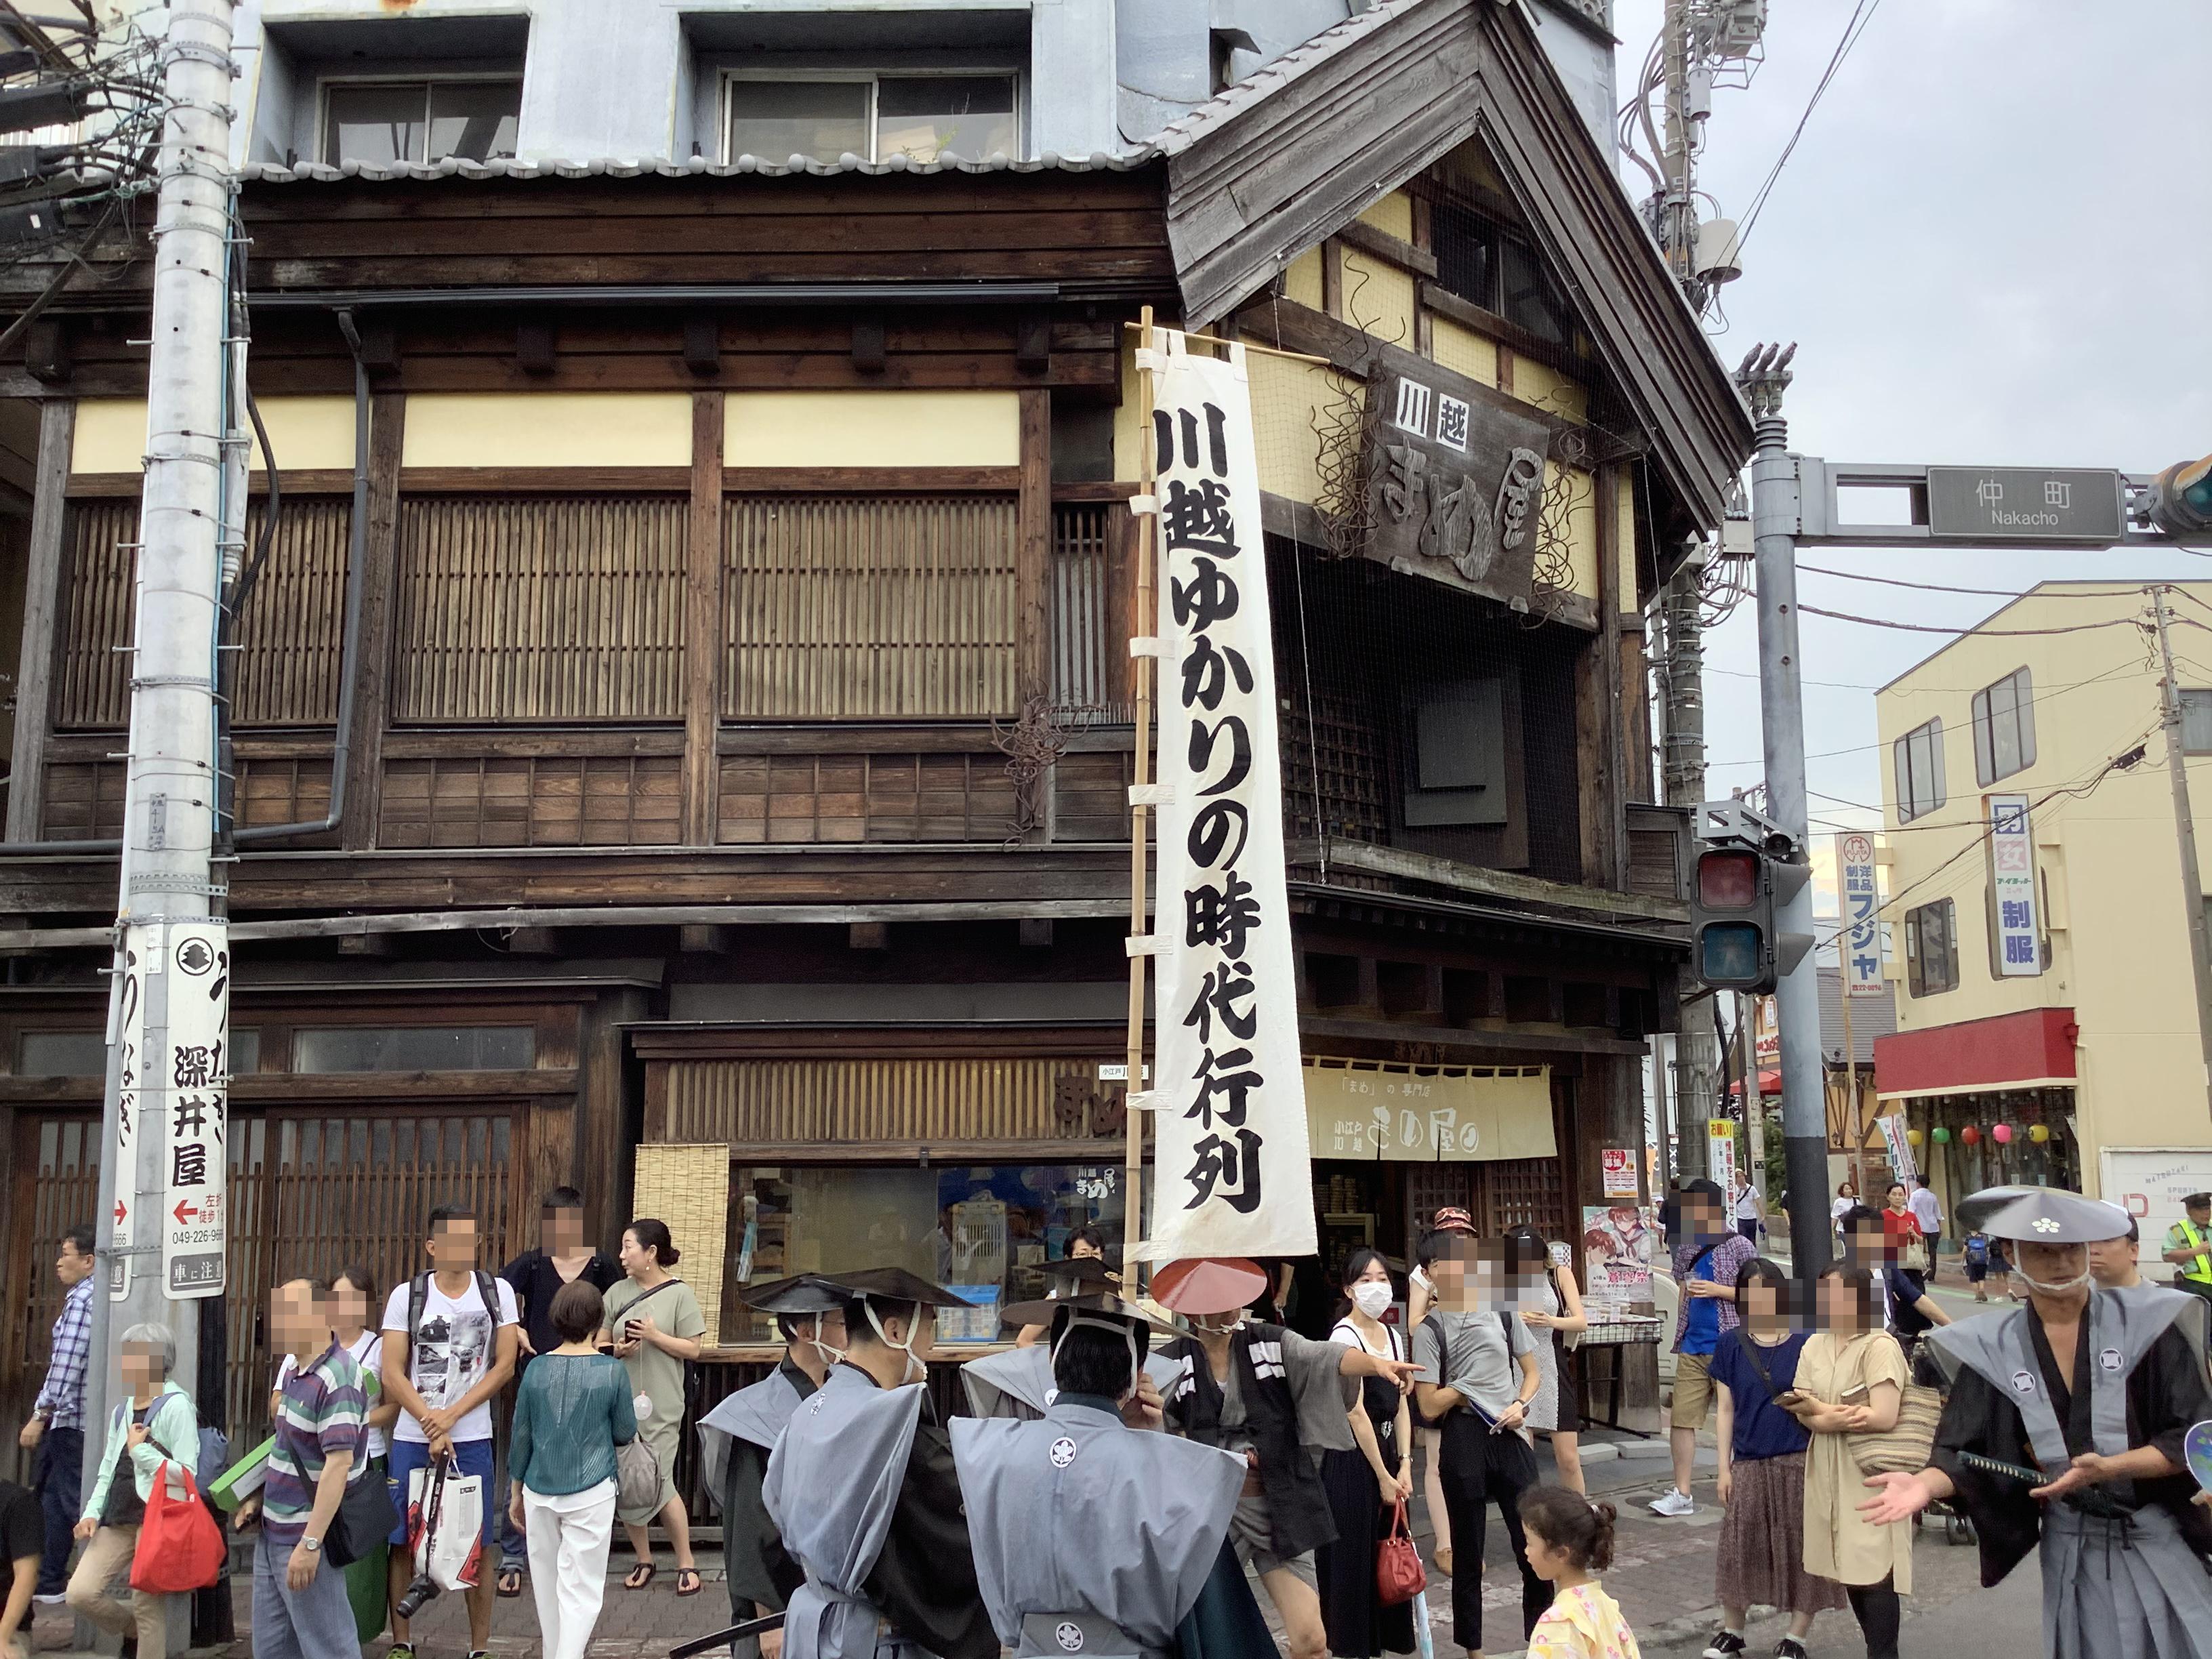 Kawagoe Yukari no Jidai Gyoretsu